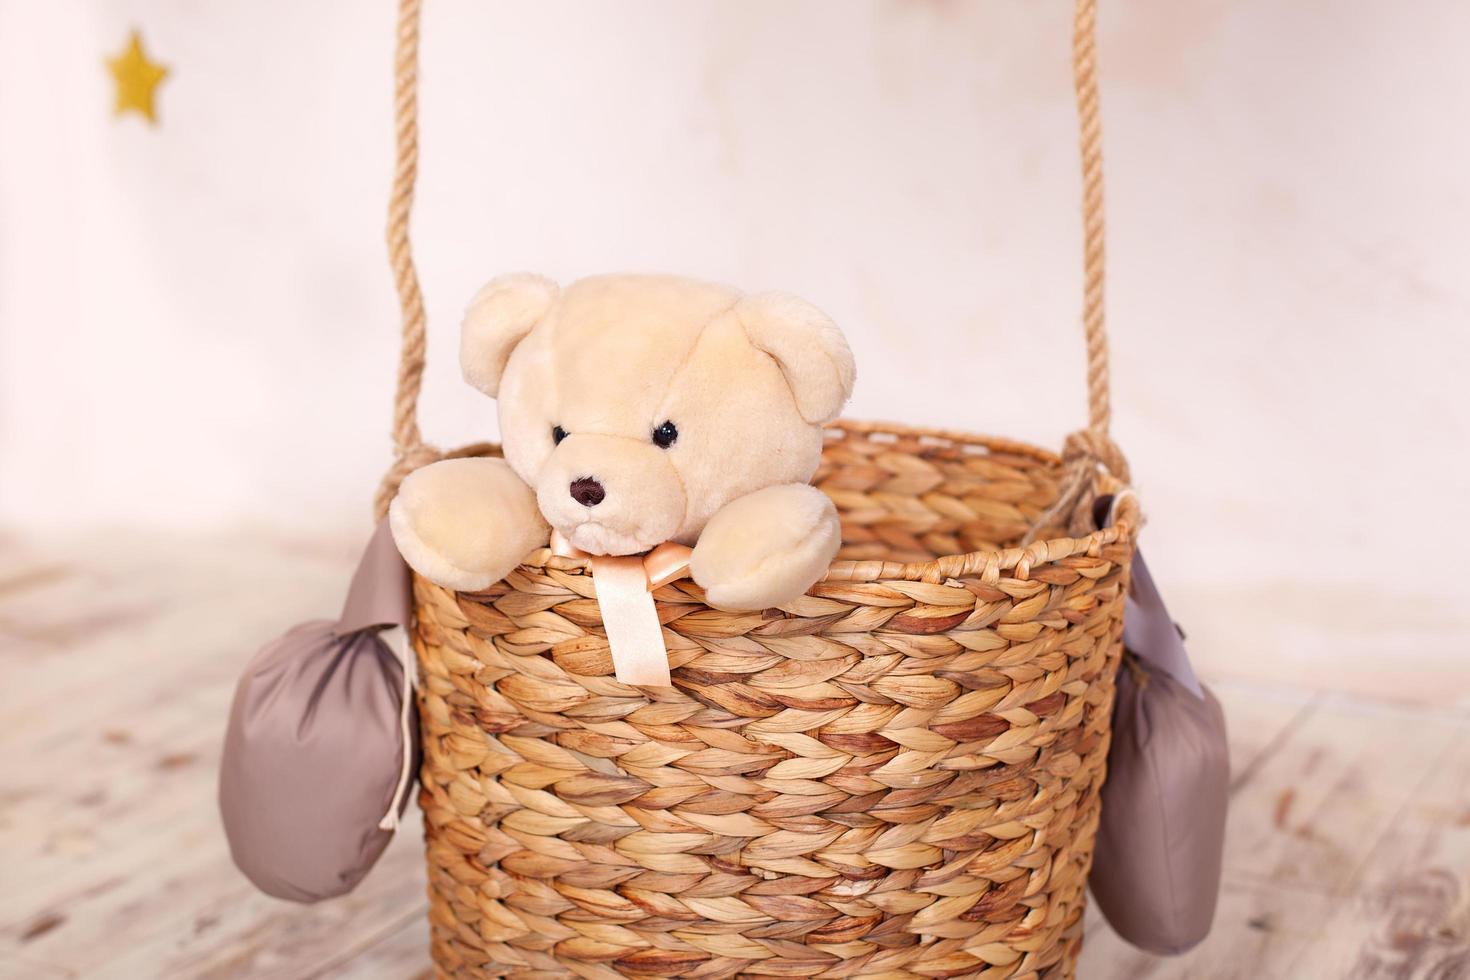 orsacchiotto giocattolo seduto nel cestino palloncino foto